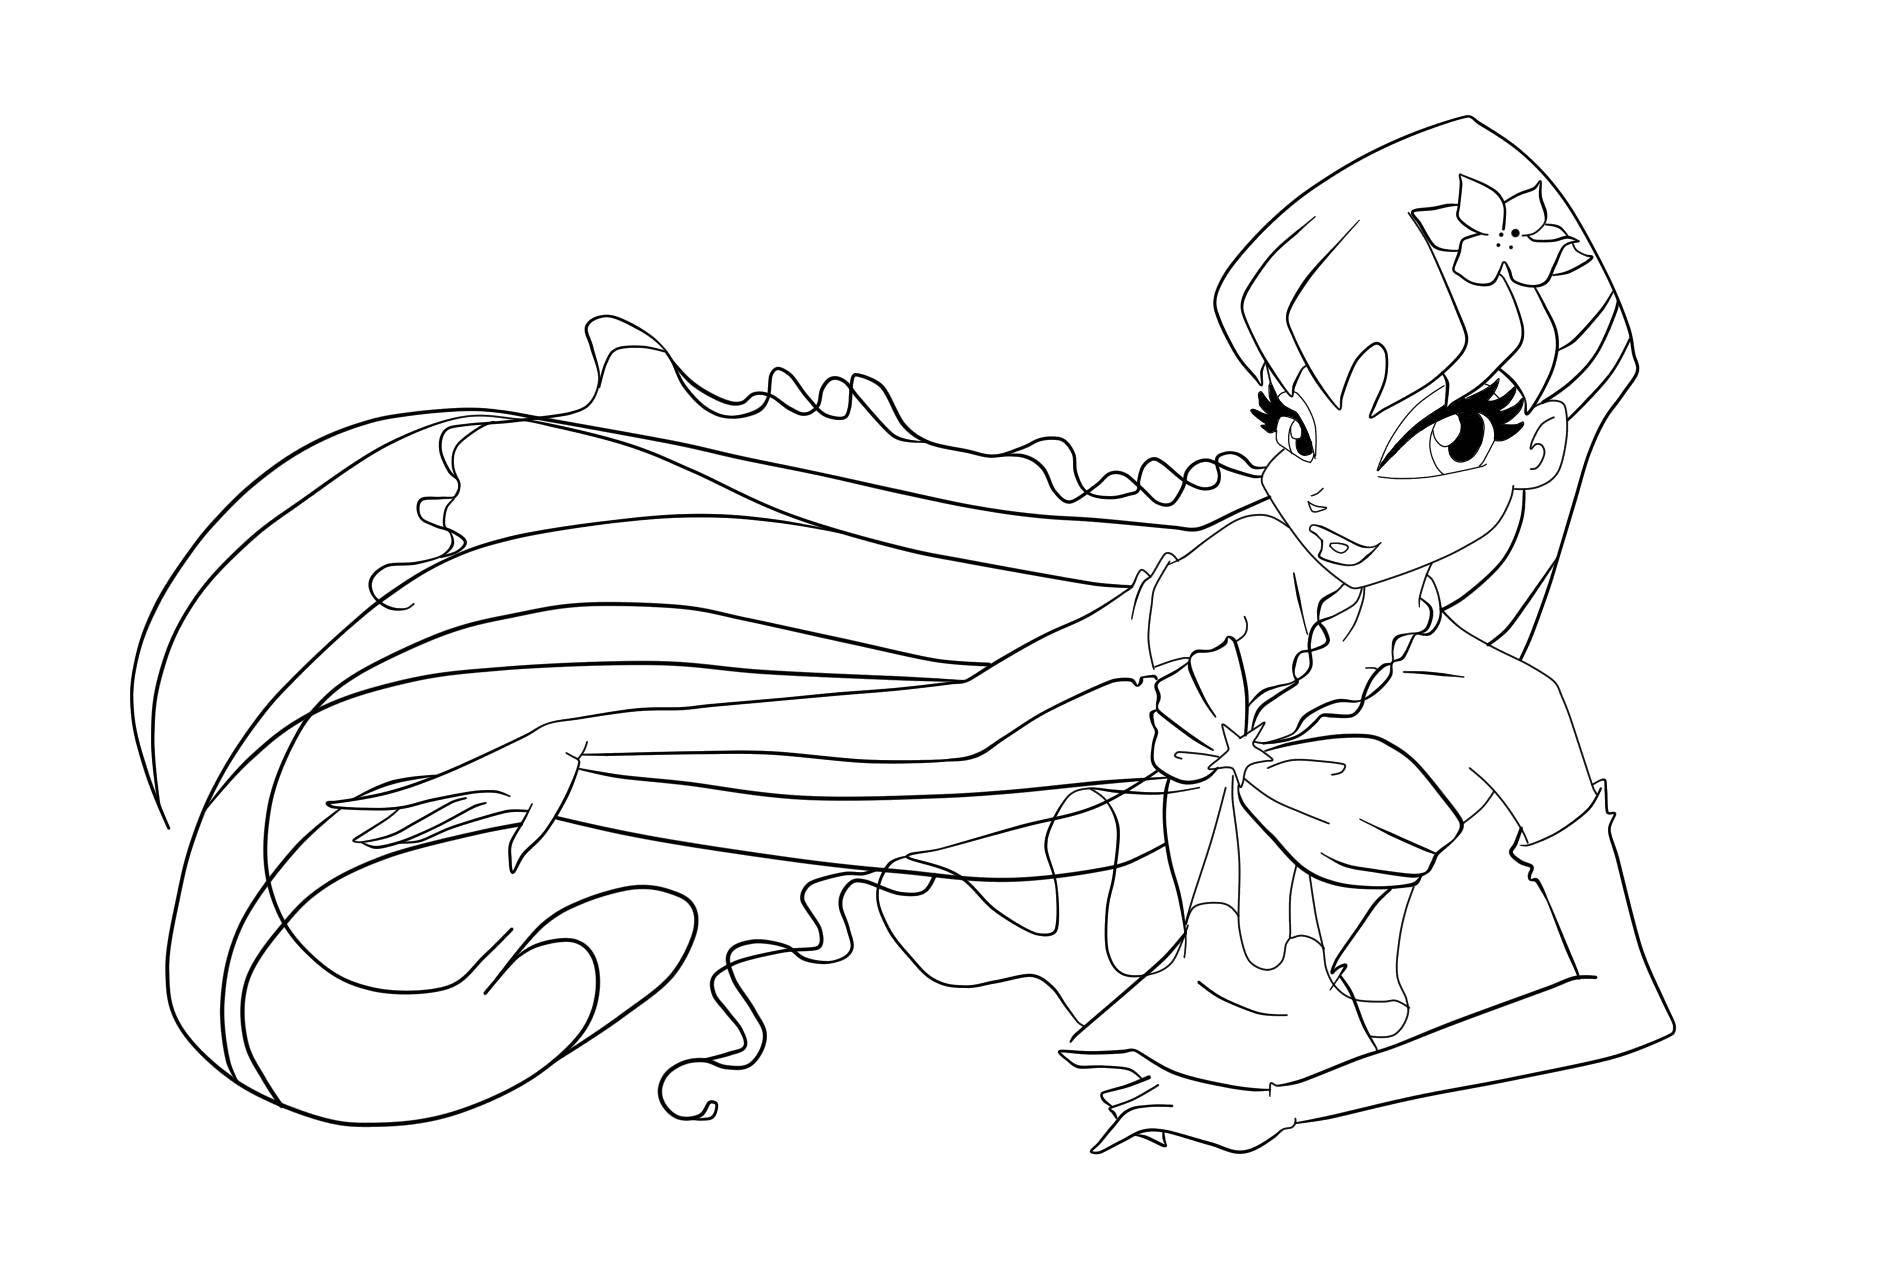 Раскраска Стелла из мультфильма winx Скачать Персонаж из мультфильма, Winx.  Распечатать ,фея,